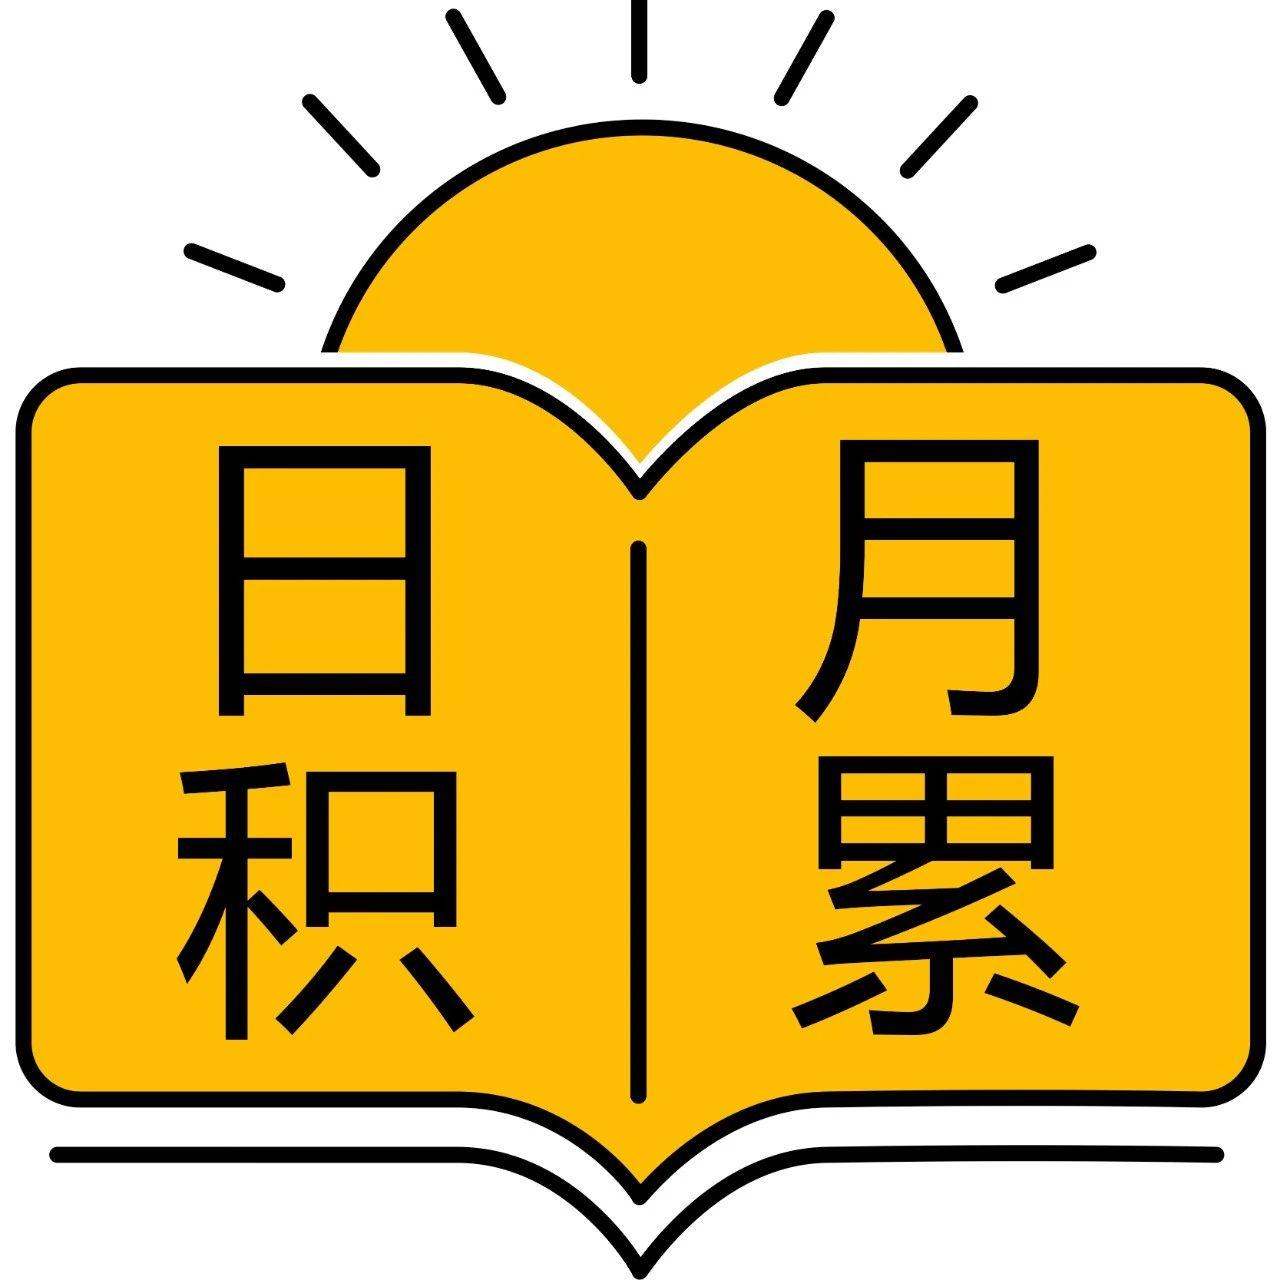 1-6年级语文下册词语默写+课文内容+日积月累+古诗词填空,免费下载!